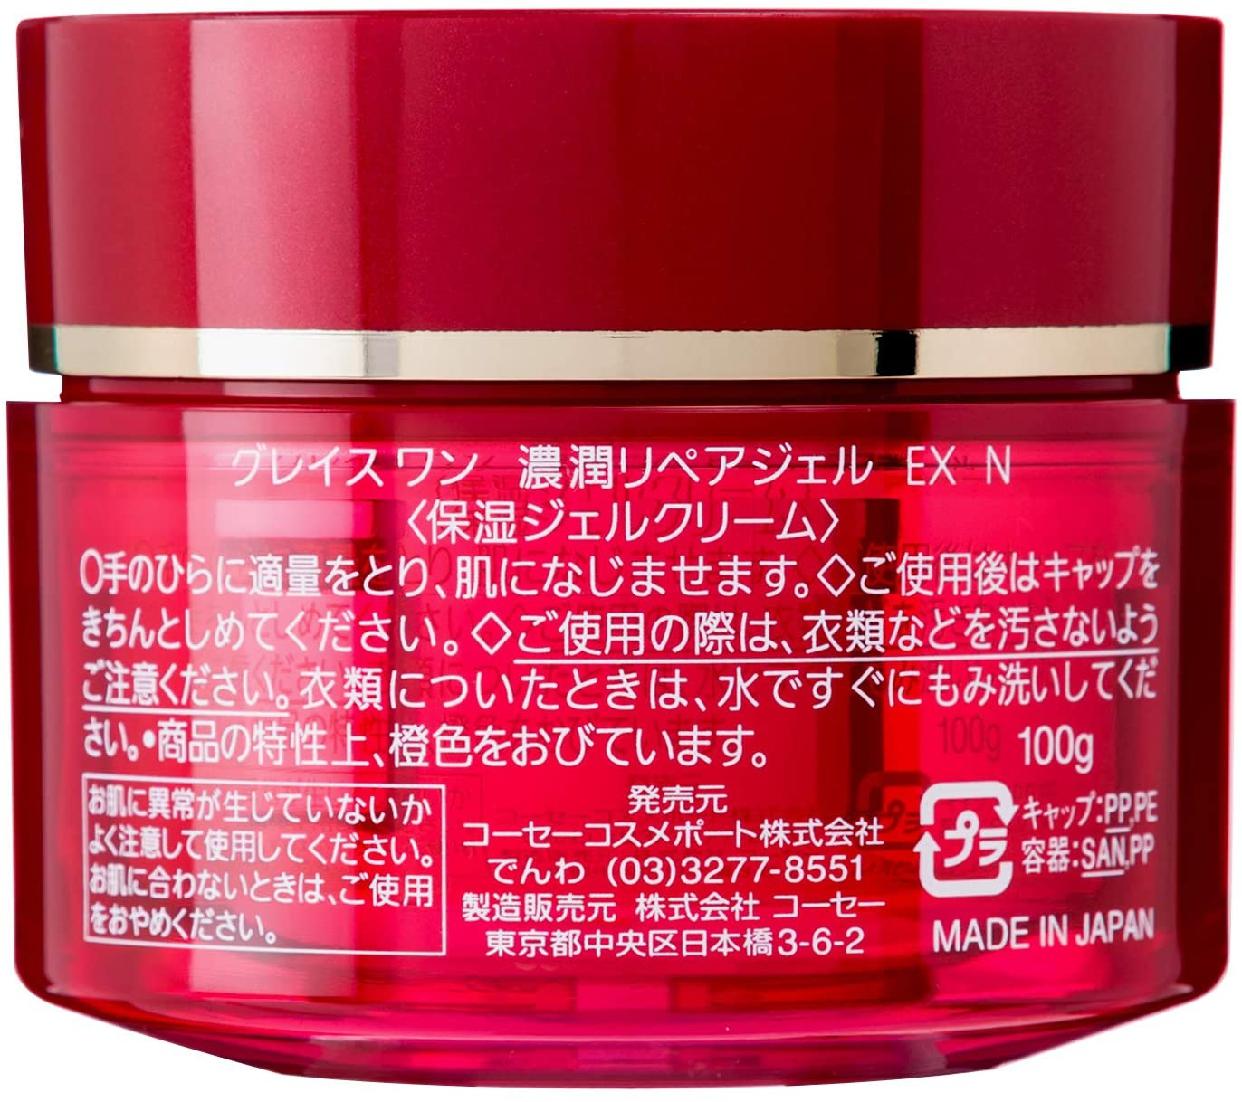 GRACE ONE(グレイスワン) 濃潤リペアジェルの商品画像6